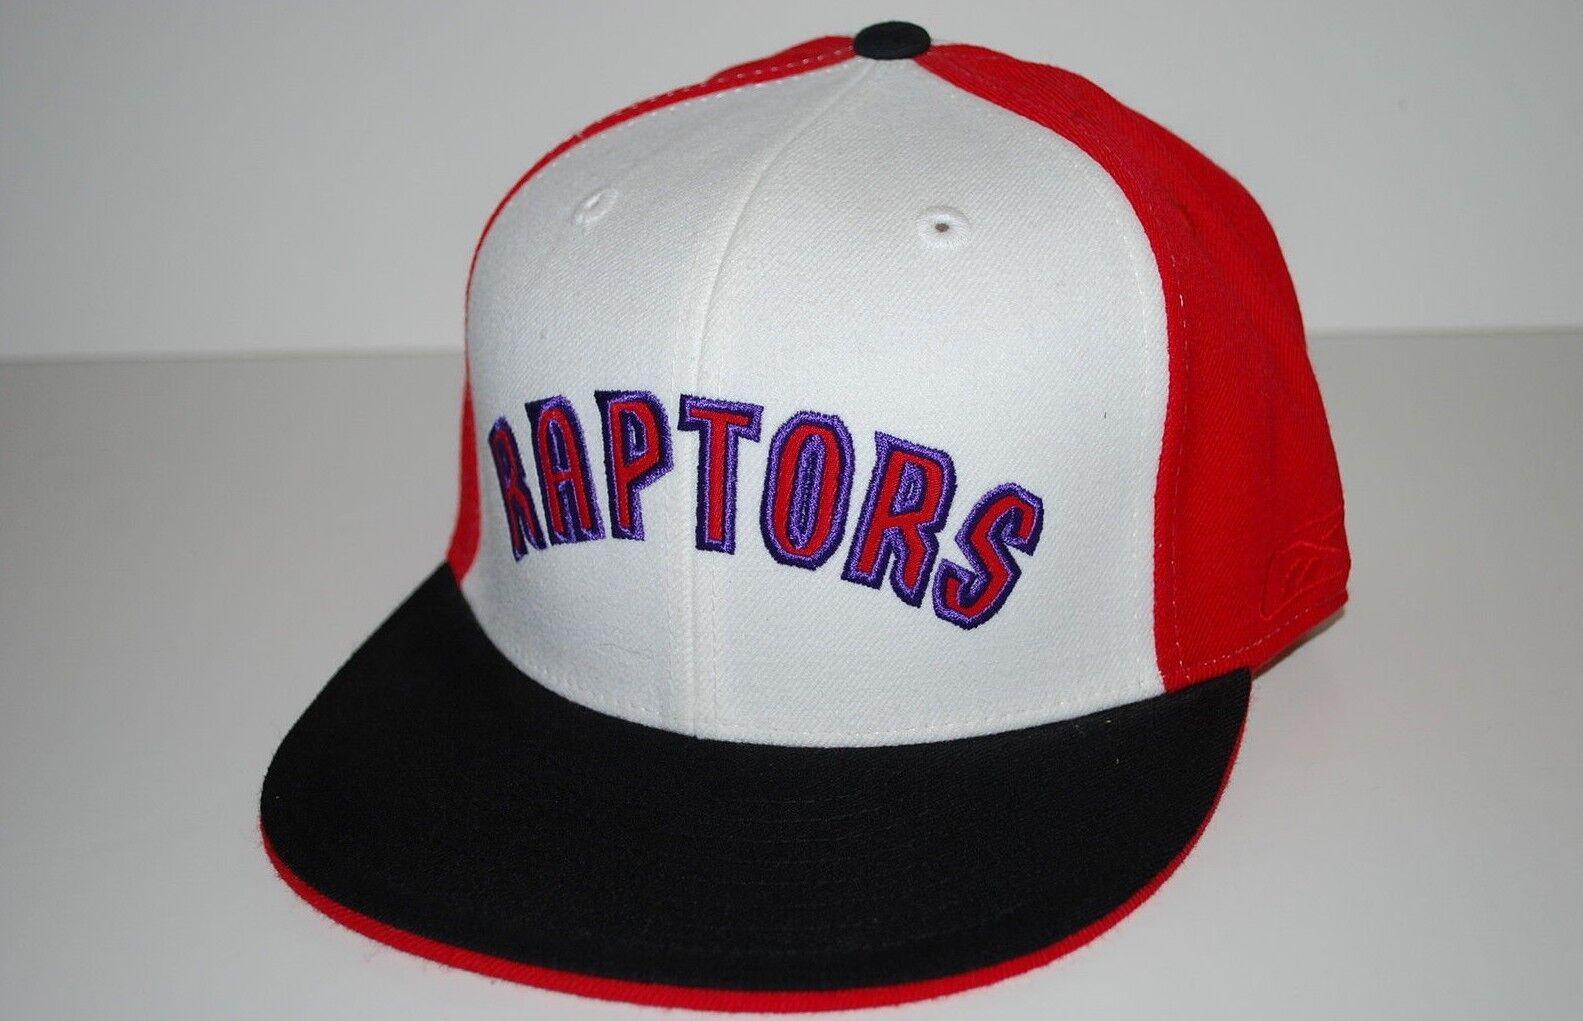 Toronto Raptors Reebok Bill NBA Basketball Fitted Flat Bill Reebok Cap Hat Size 7  3/4 a62f43